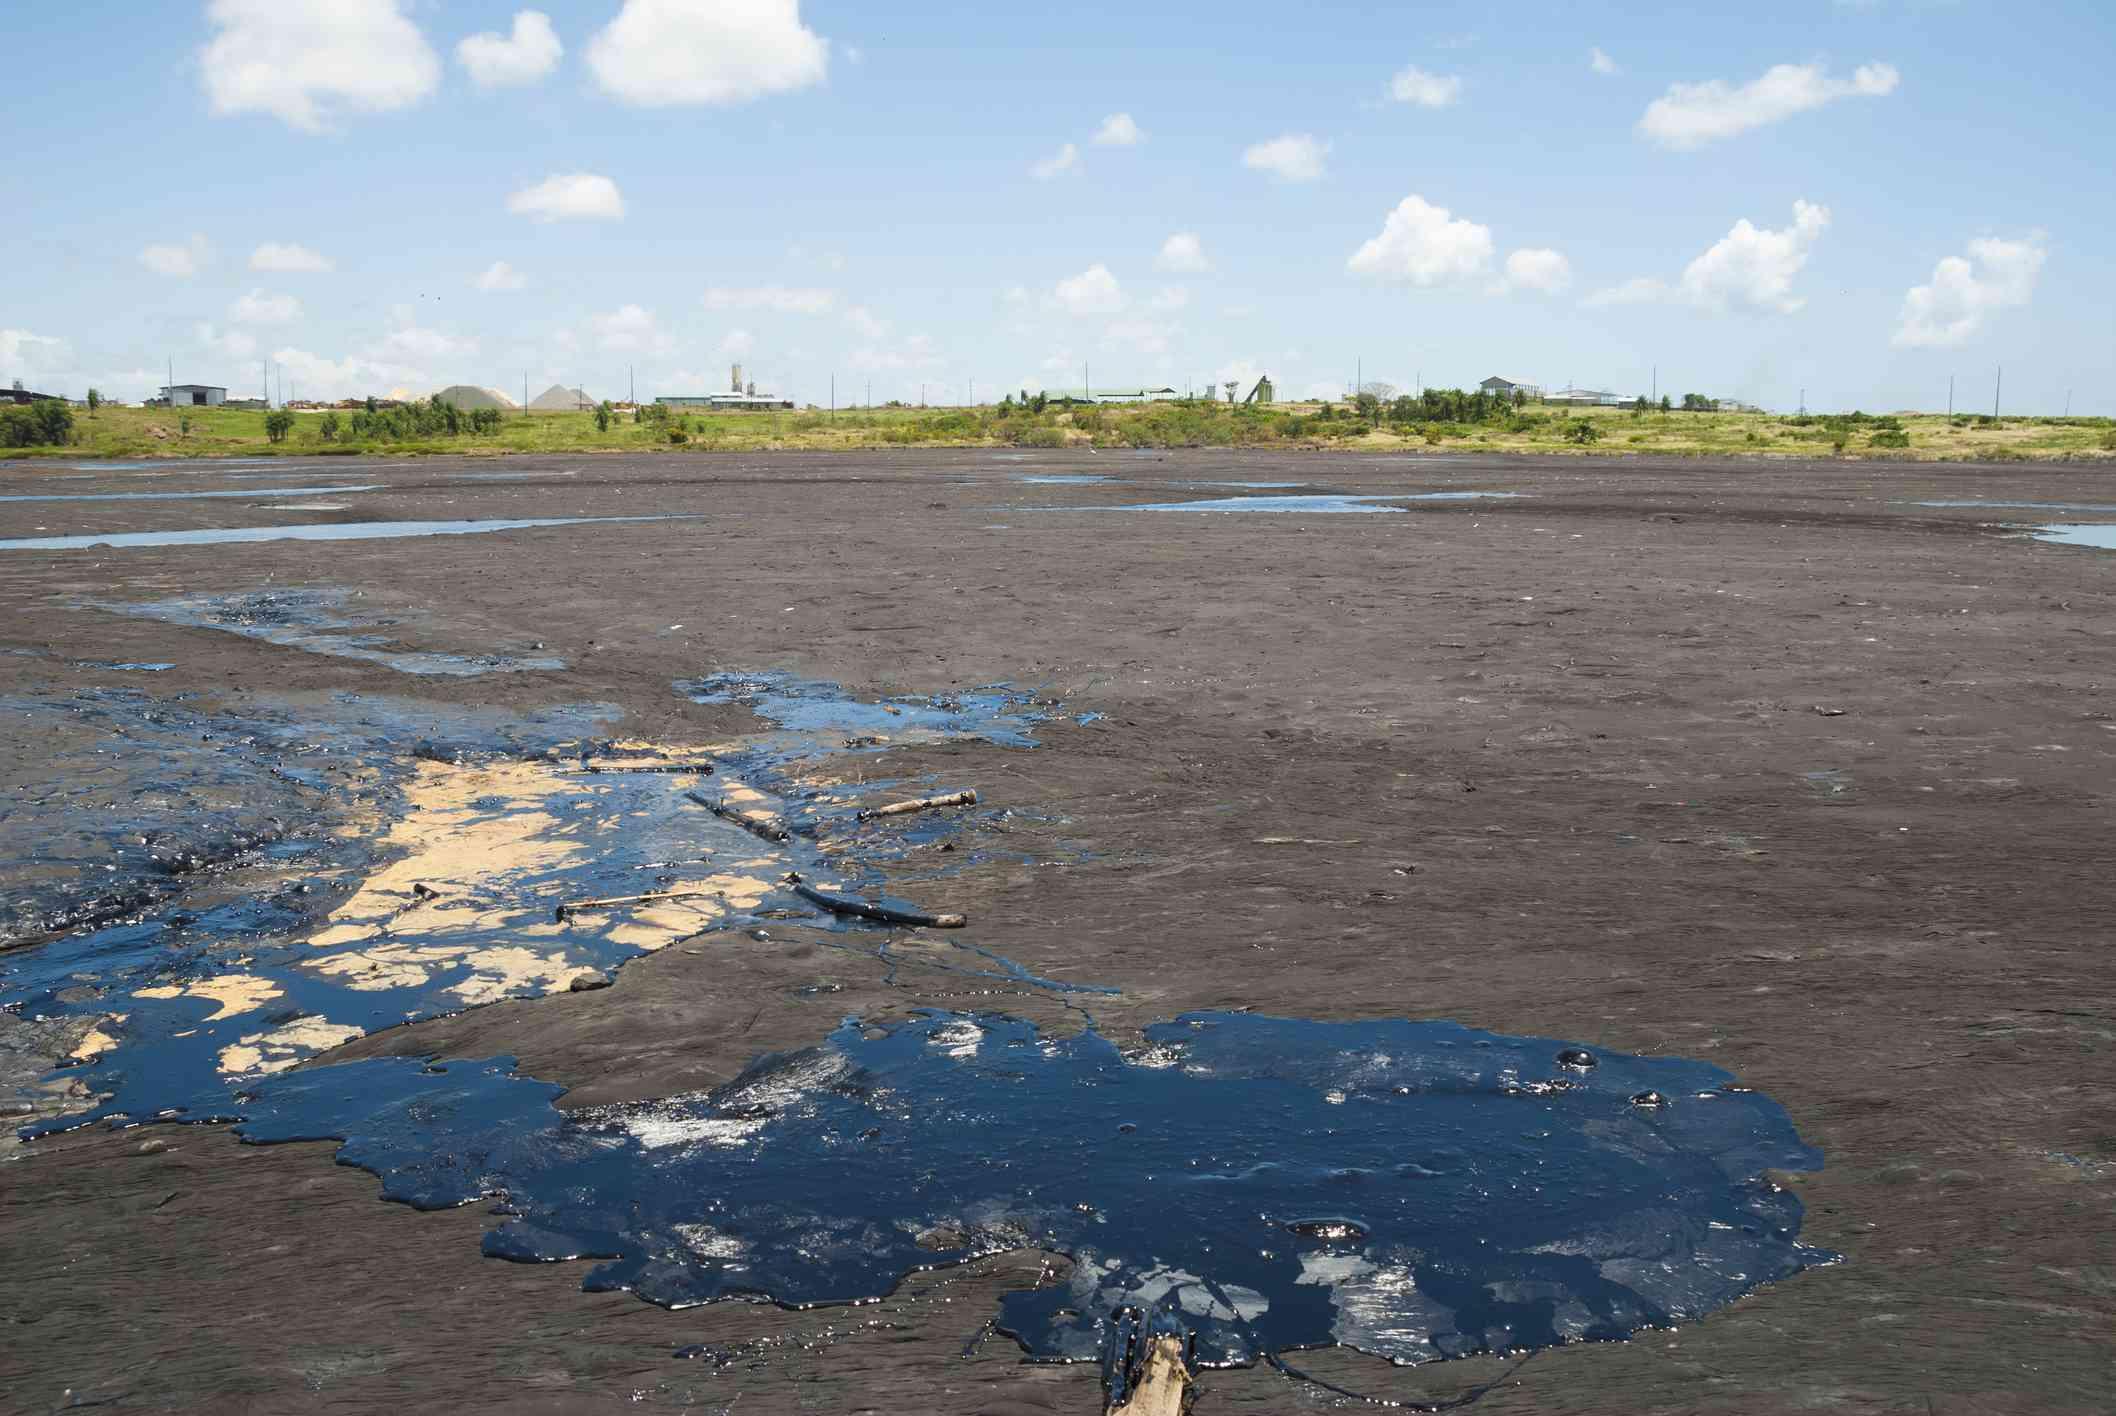 A pool of black tar or asphalt in a dark brown lake bed